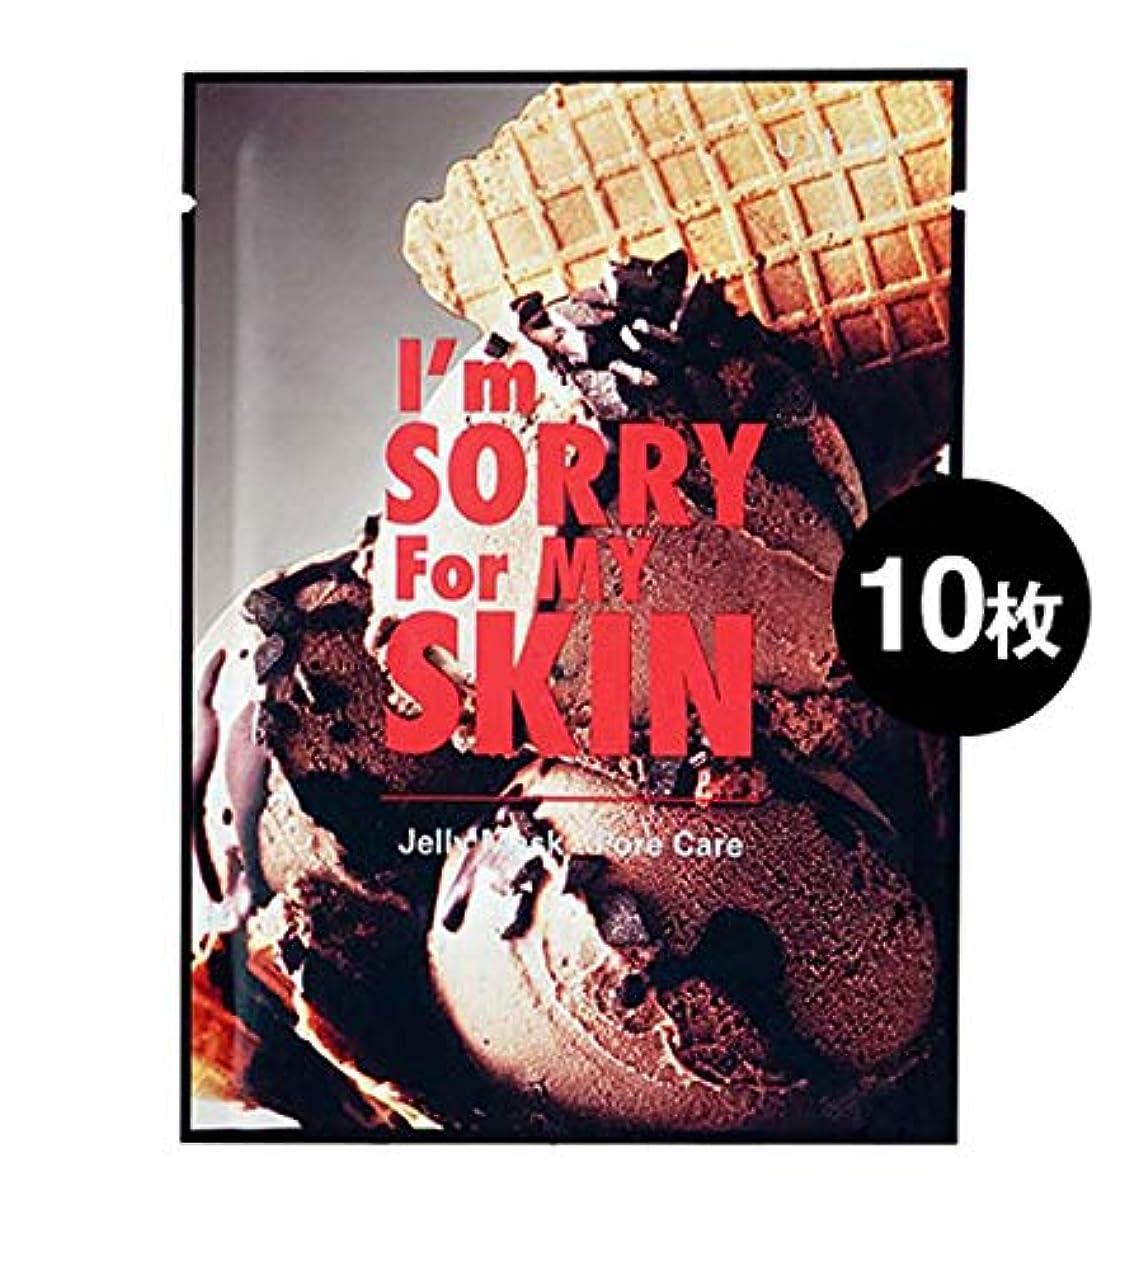 観察ヒステリック残忍な(アルトゥルー) ultru : I`m SORRY For MY SKIN 毛穴ケアゼリーマスク毛穴&角質10枚[チョコレートパック] Jelly Mask Pore Care (並行輸入品)